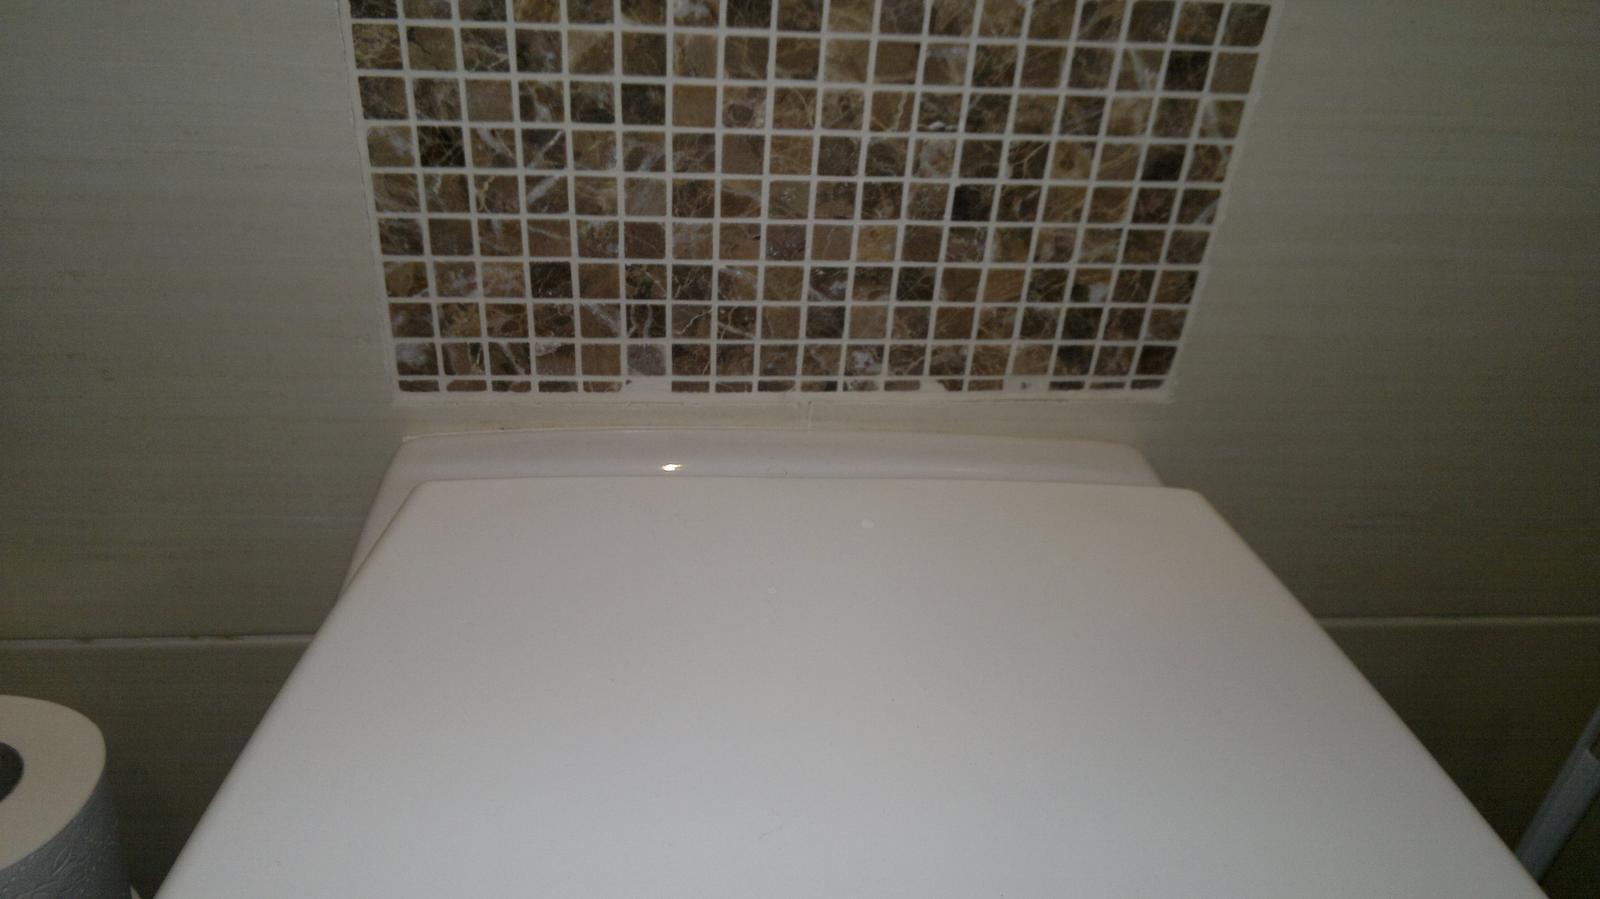 Čím se řemeslníci nechlubí, aneb co se teda fakt nepovedlo - Obkladač měl vše k dispozici (výšku WC i samotný záchod), někde se seknul, chybí 2 cm (mozaiky bylo dost) - nechápu